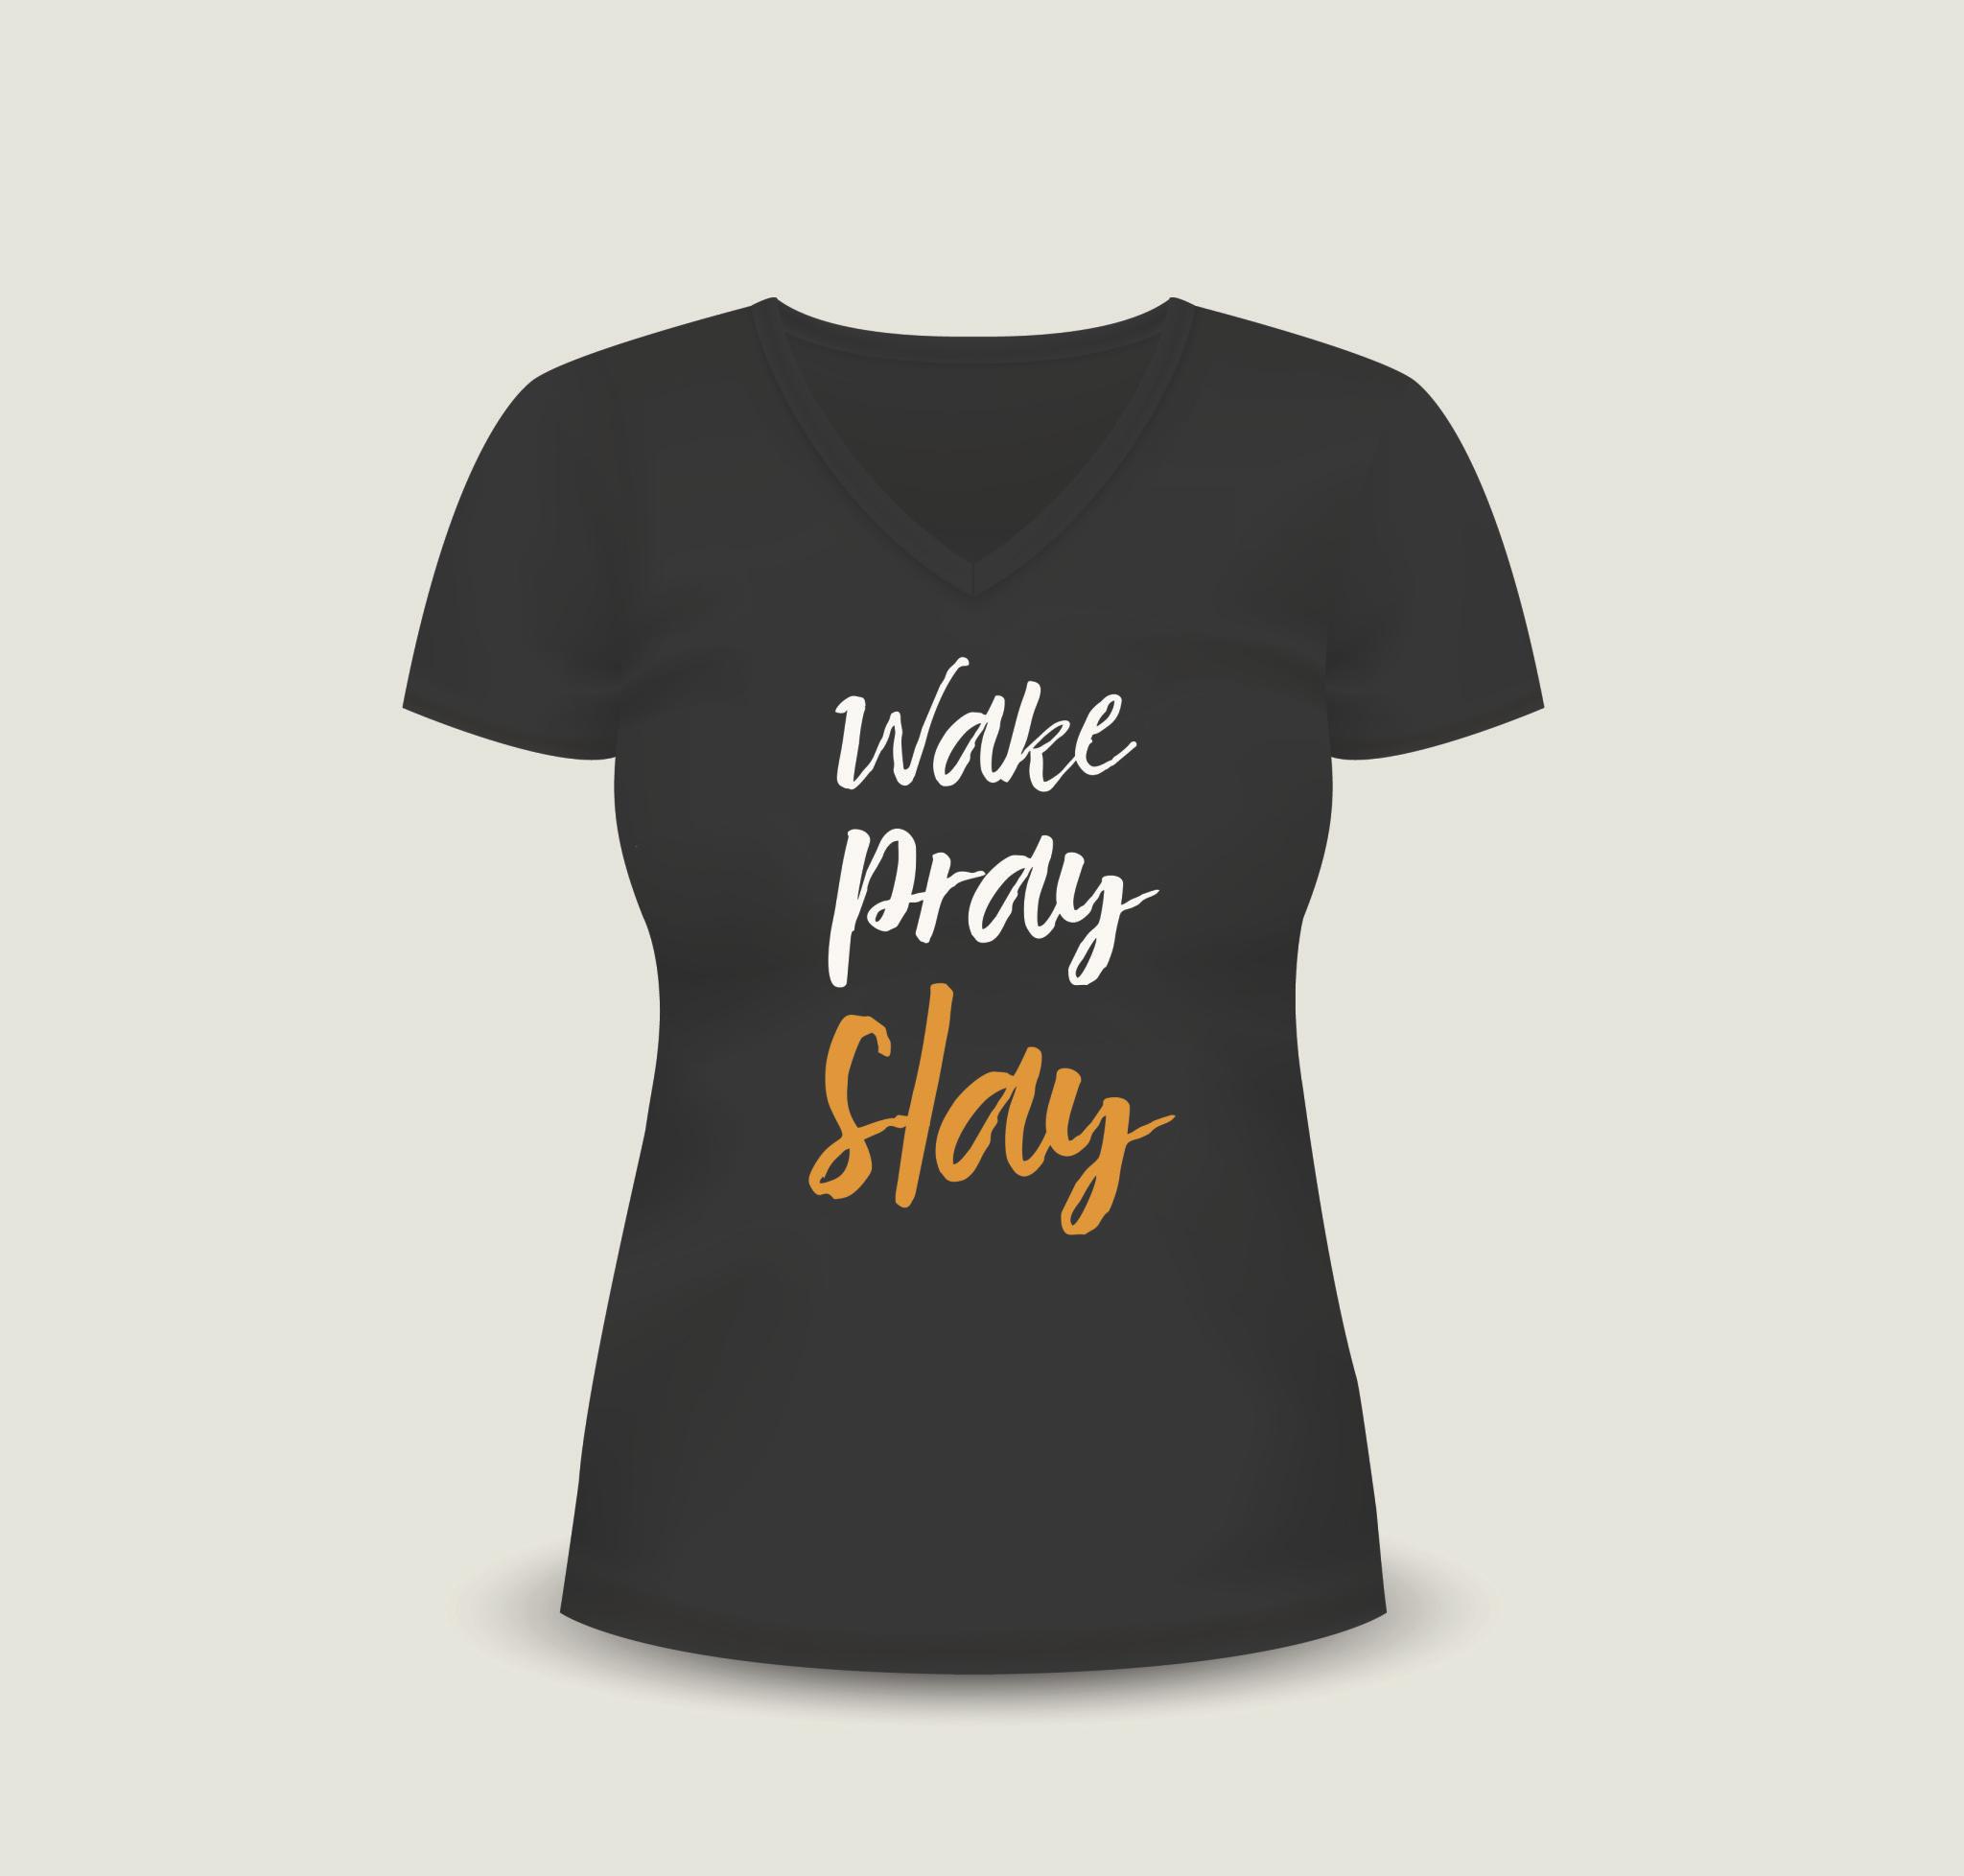 Wake Pray Slay T-Shirt (Female Cut) SWATA002